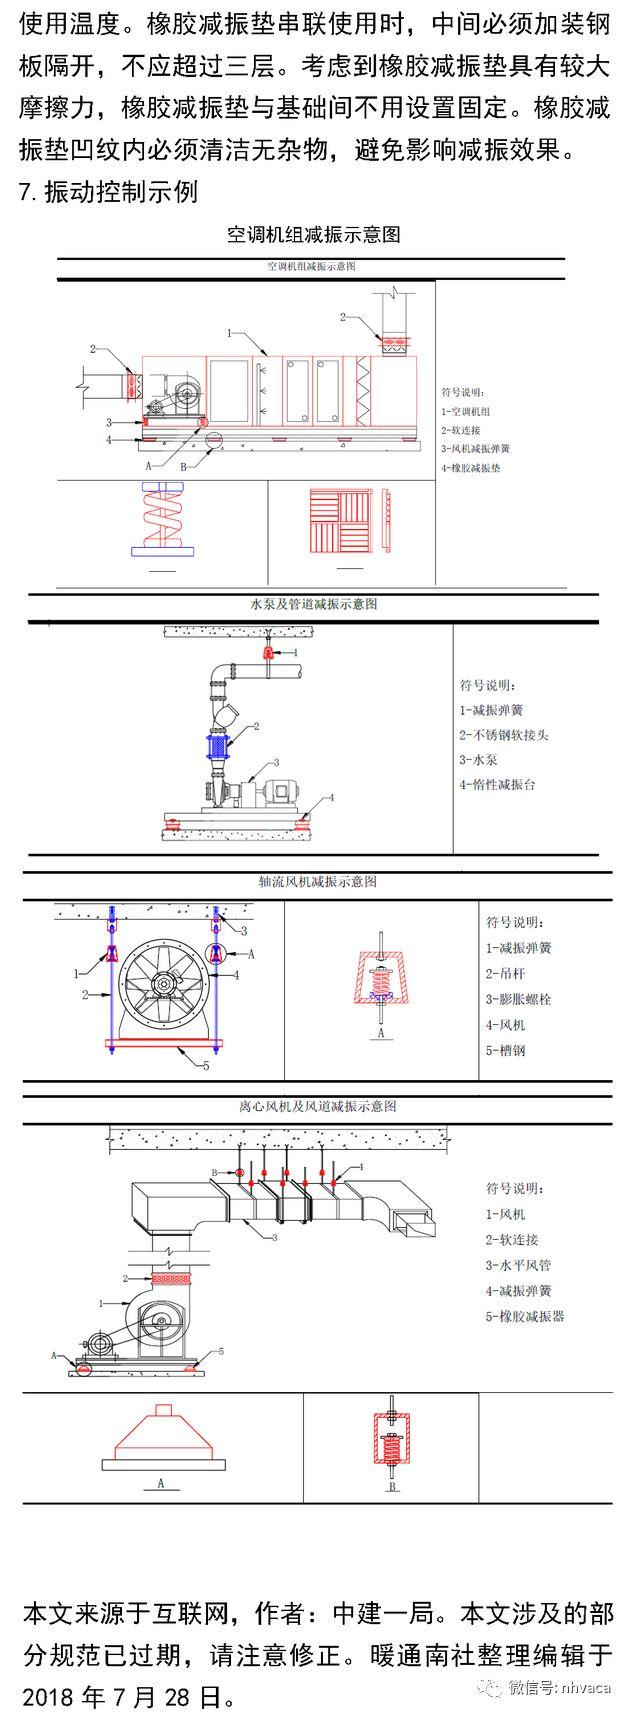 超高层中间设备层机电安装技术指南_10